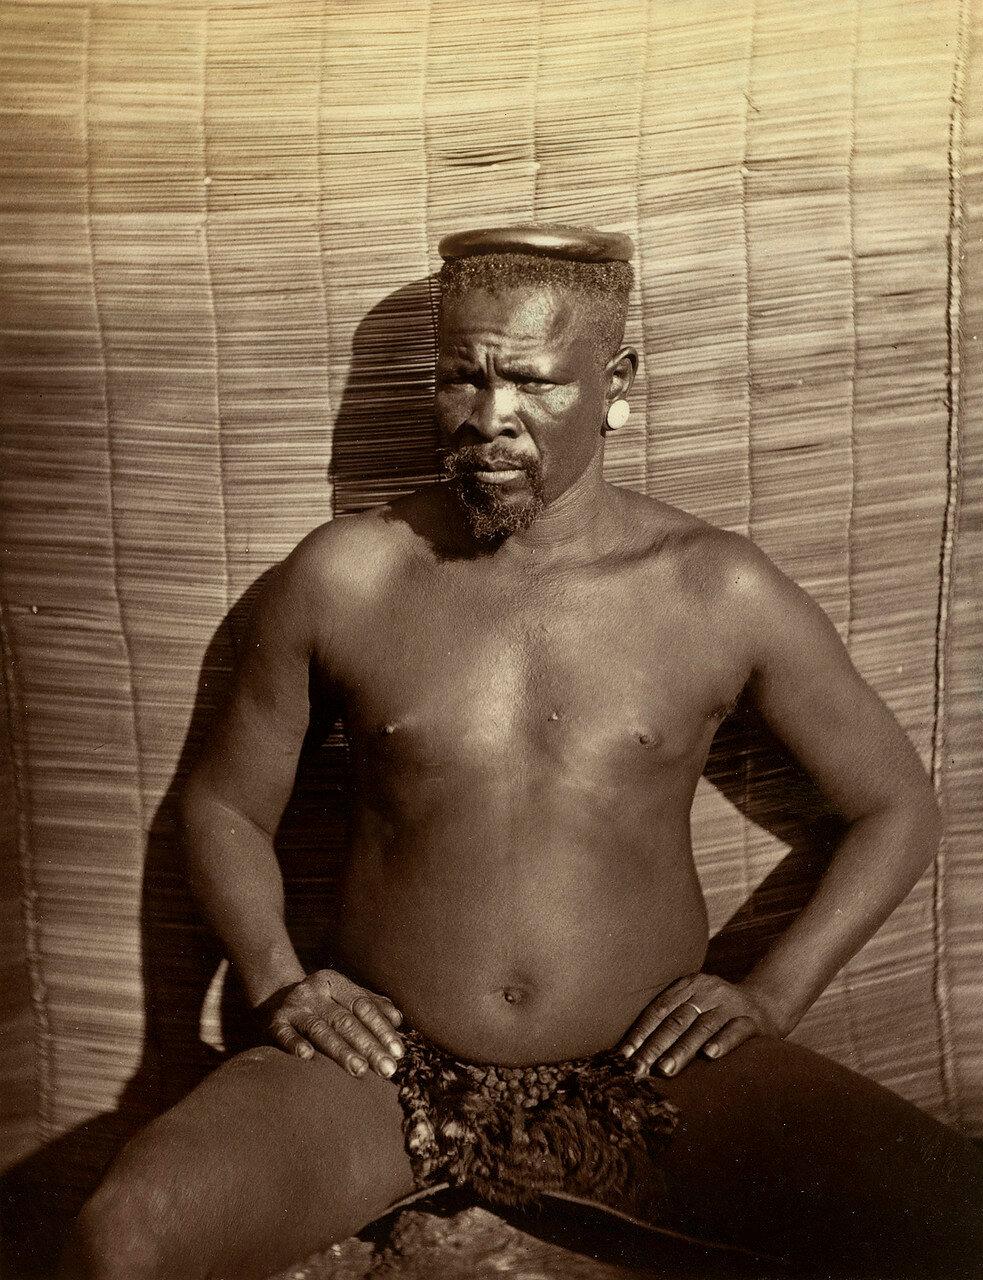 Кечвайо. 11 декабря 1878 года лейтенант-губернатор Натала Г. Балвер предъявил Кечвайо.  января 1879 года, 11 января 1879 года, когда истек срок ультиматума, английские части несколькими колоннами вступили на территорию Зулуленда.